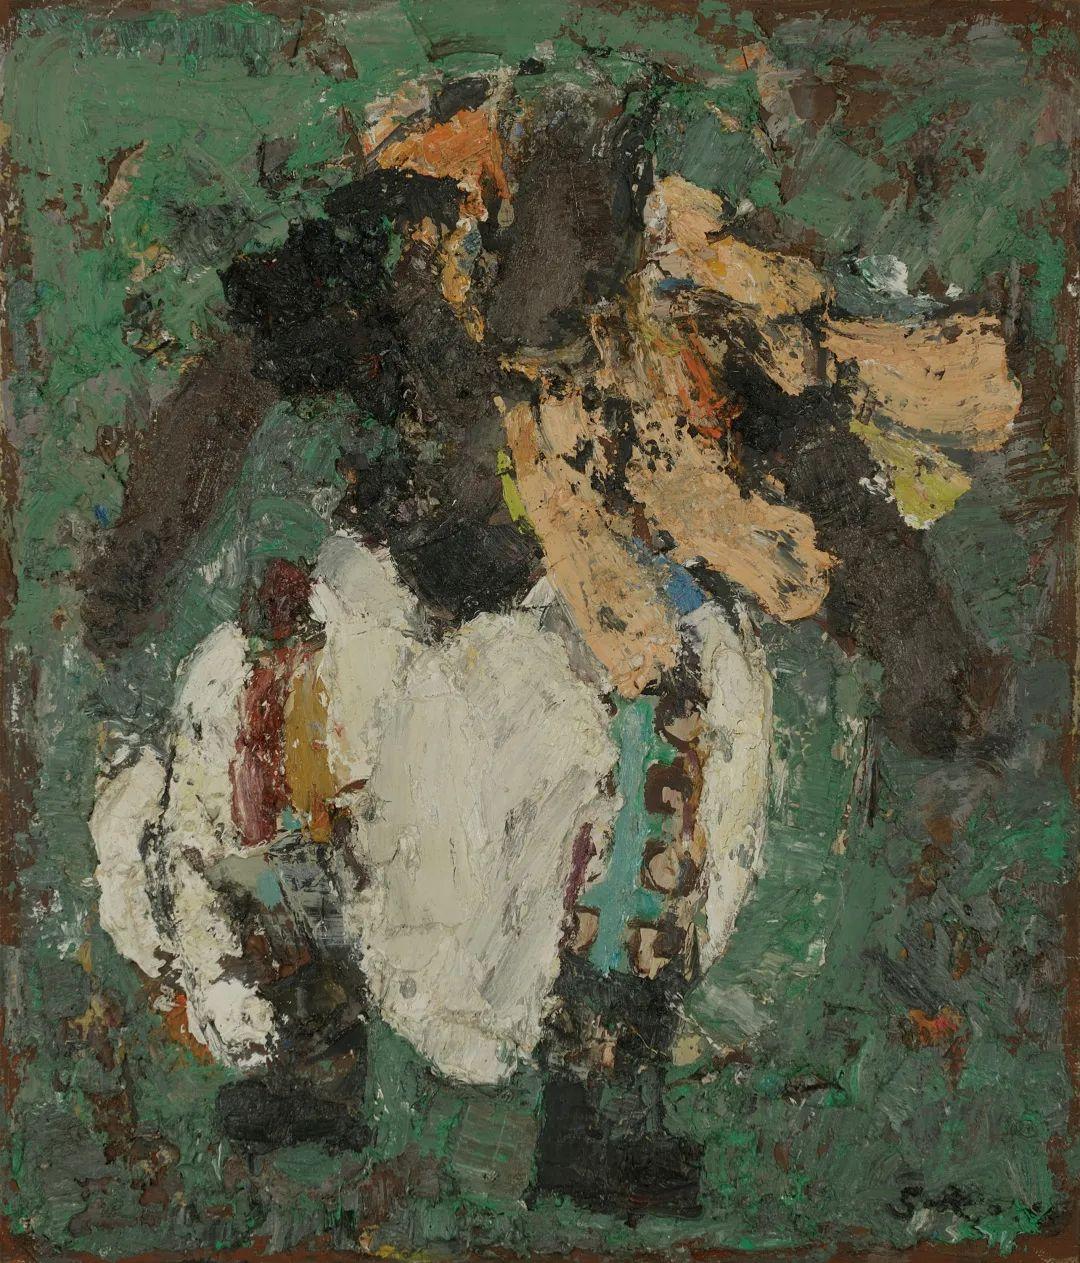 身边的名家|砂金的油画写生 第9张 身边的名家|砂金的油画写生 蒙古画廊